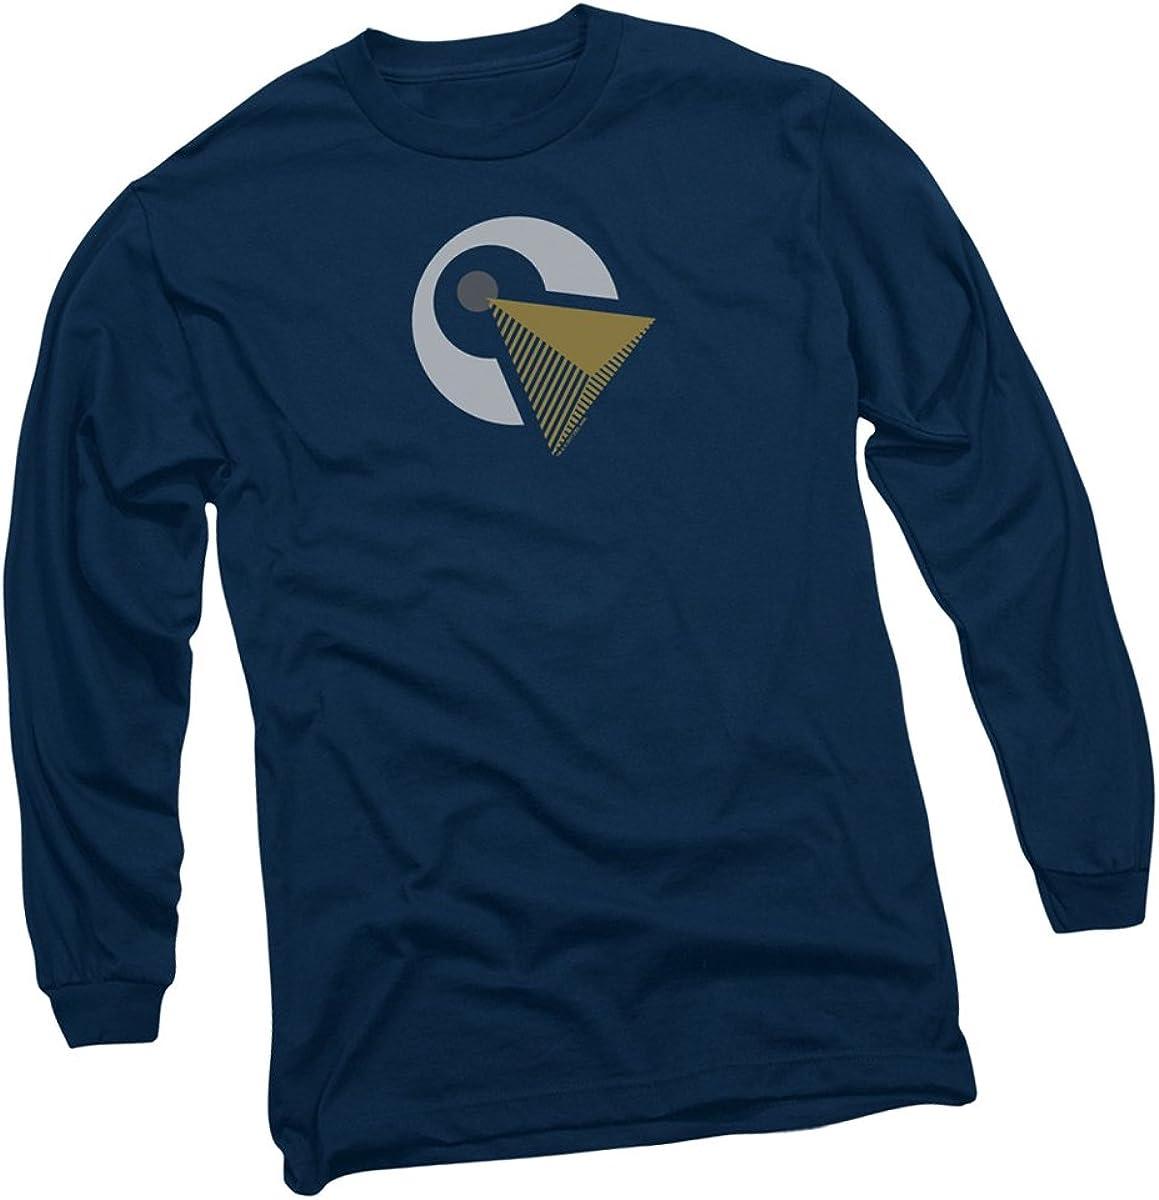 Star Trek Vulcan Logo Adult Work Shirt